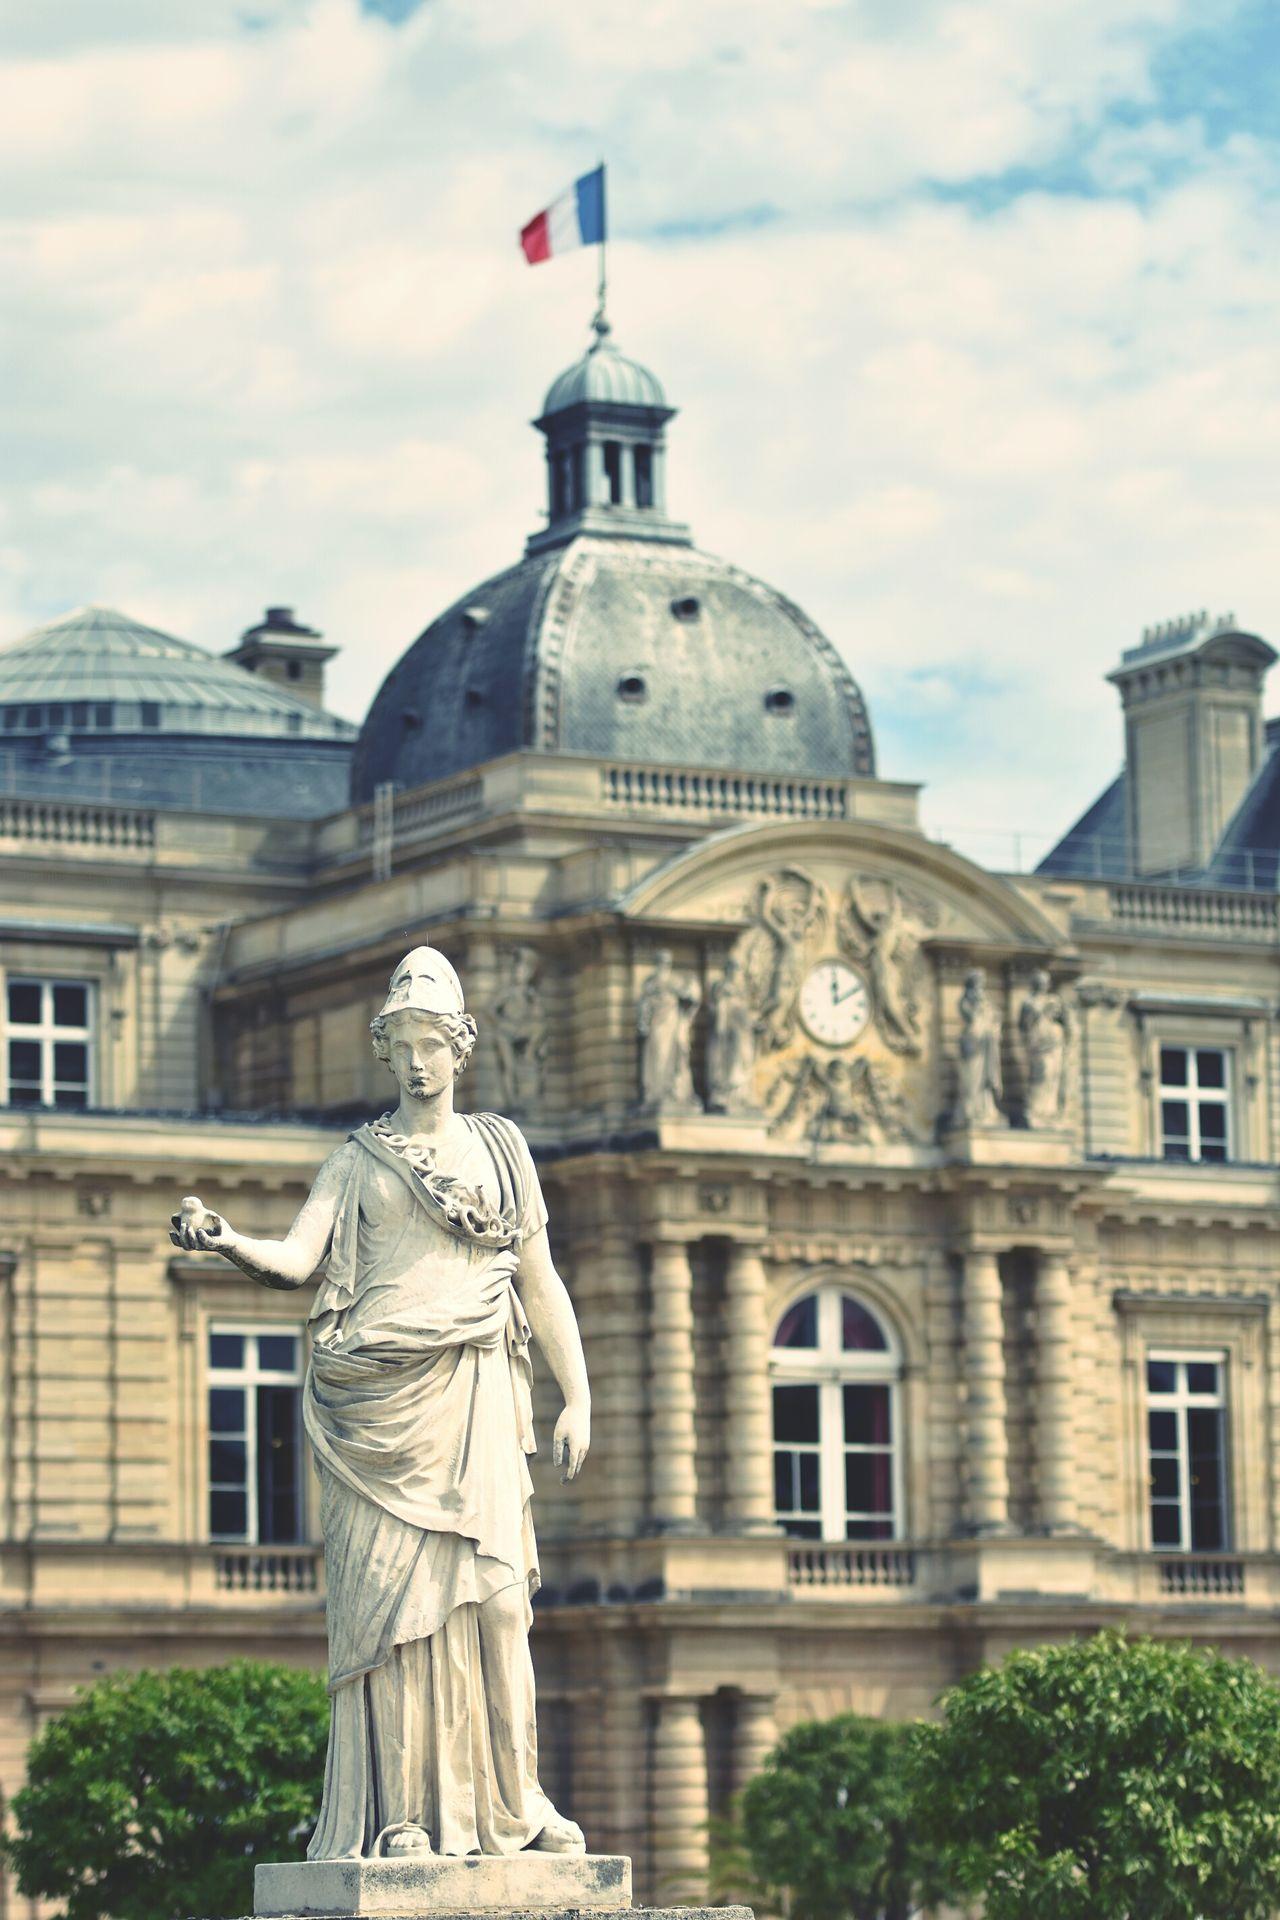 Jardin Du Luxembourg Jardinduluxembourg Park Paris, France  France Monument Statue Flag